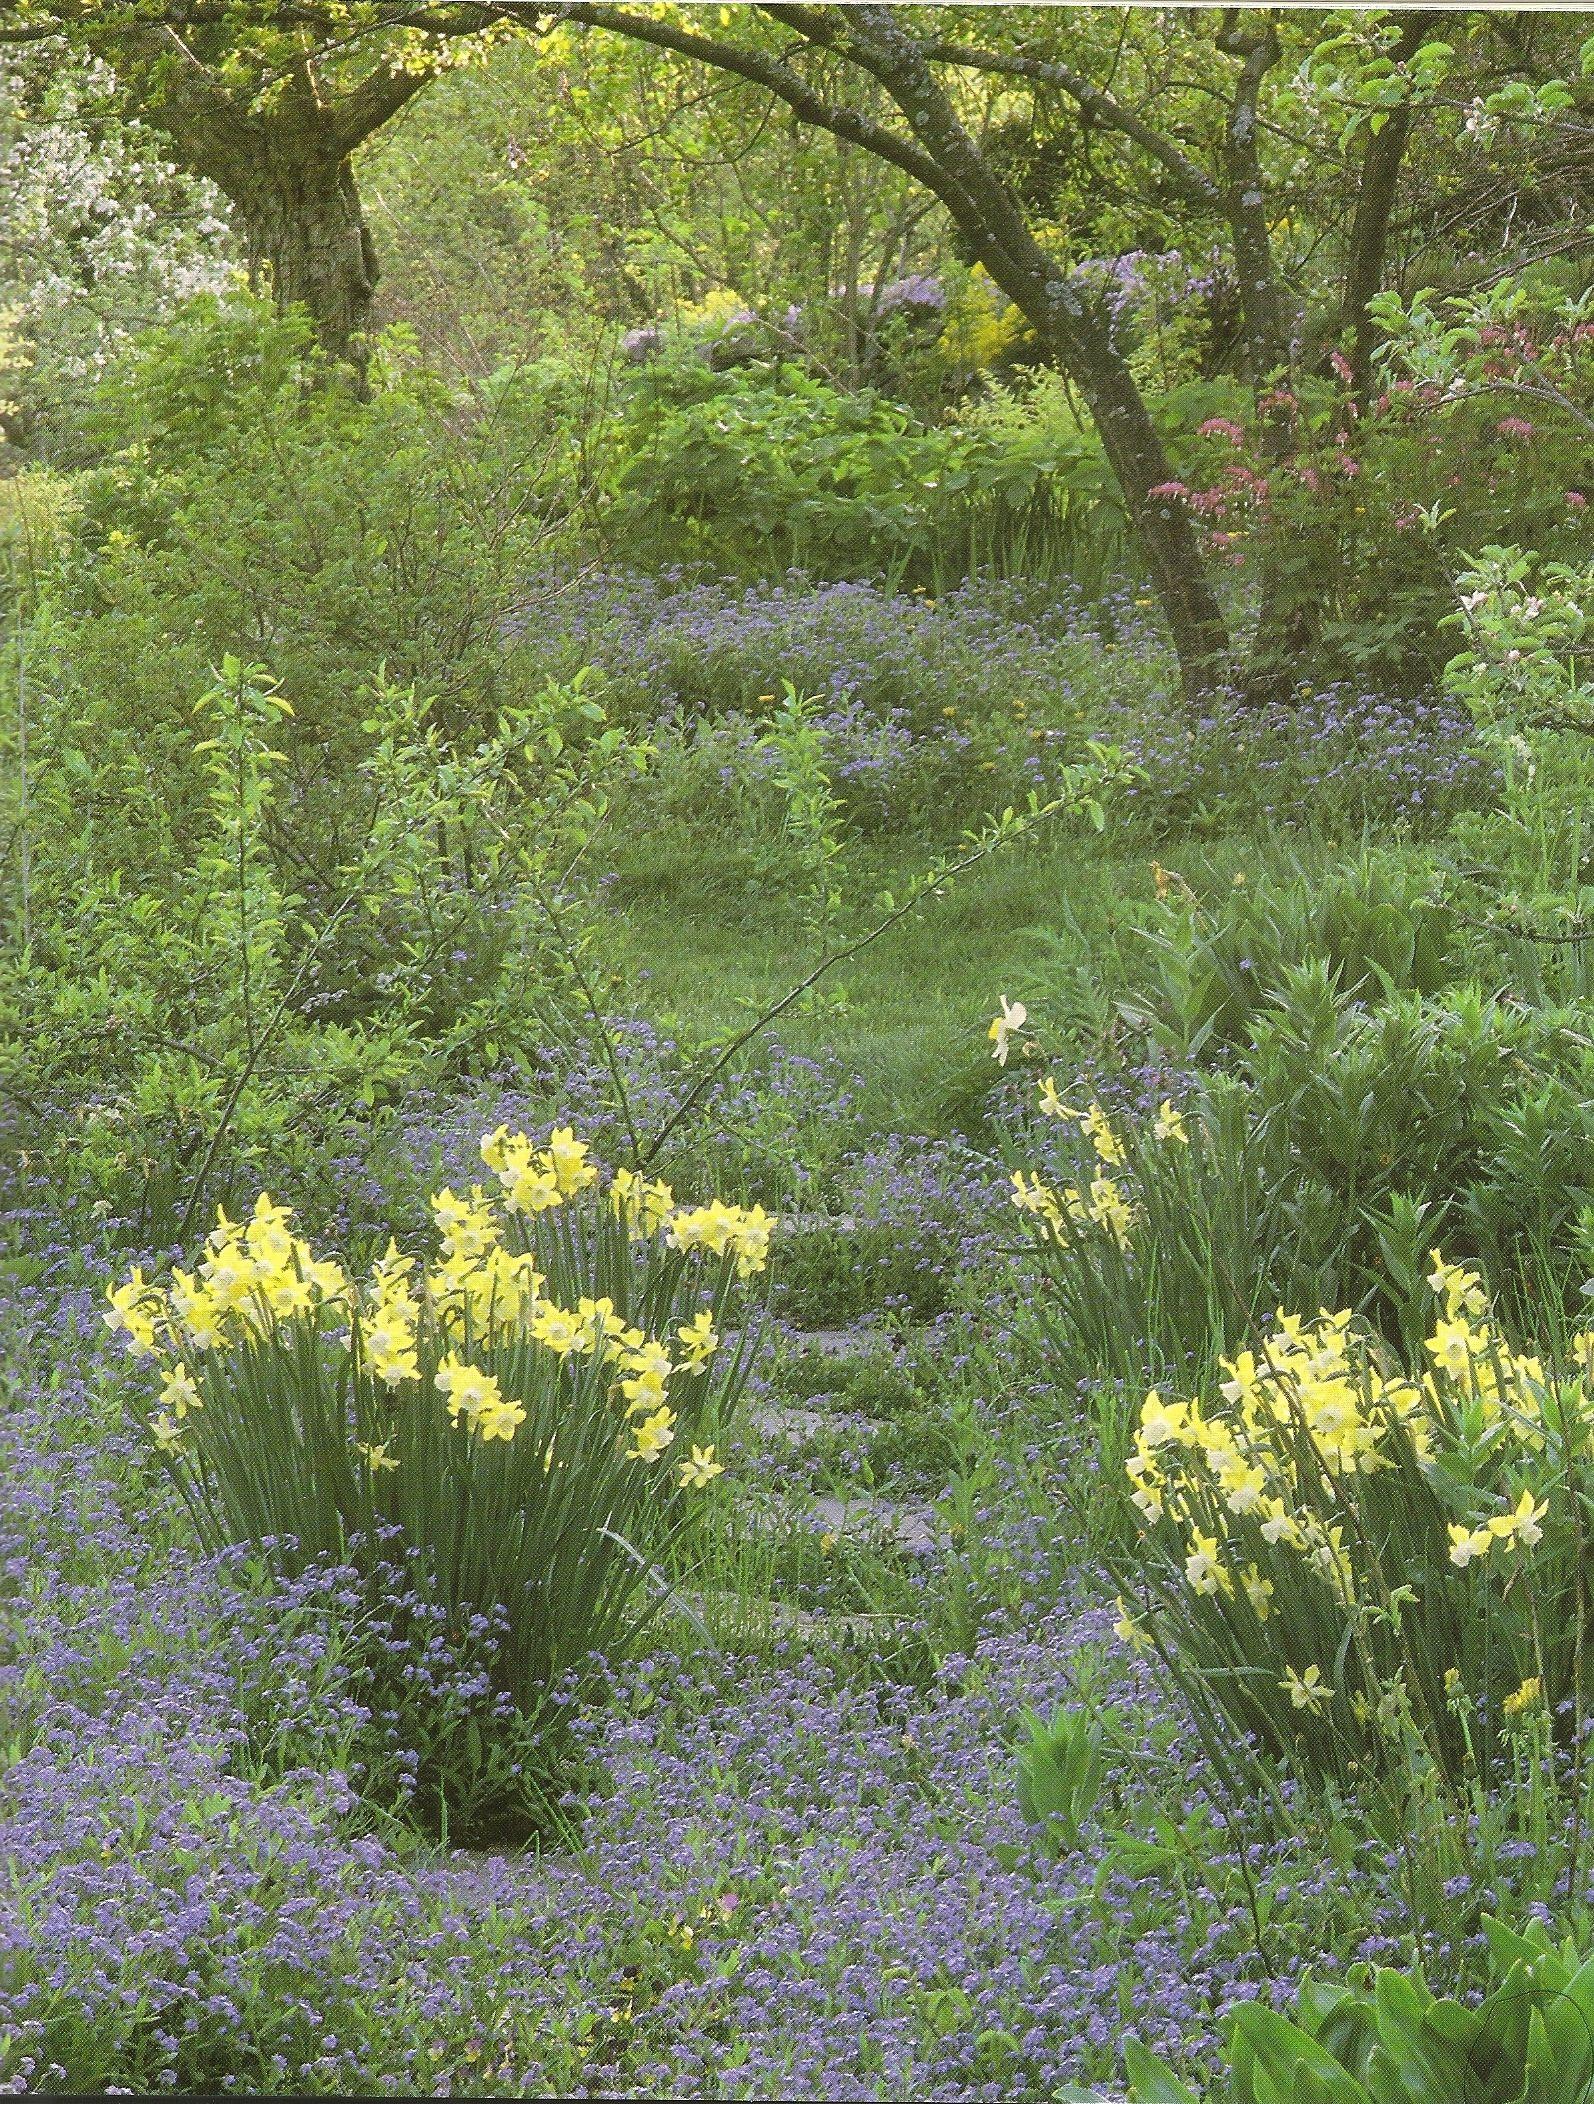 Blumenwiese Englisch tudor garten es gibt etwas über die schönheit eines